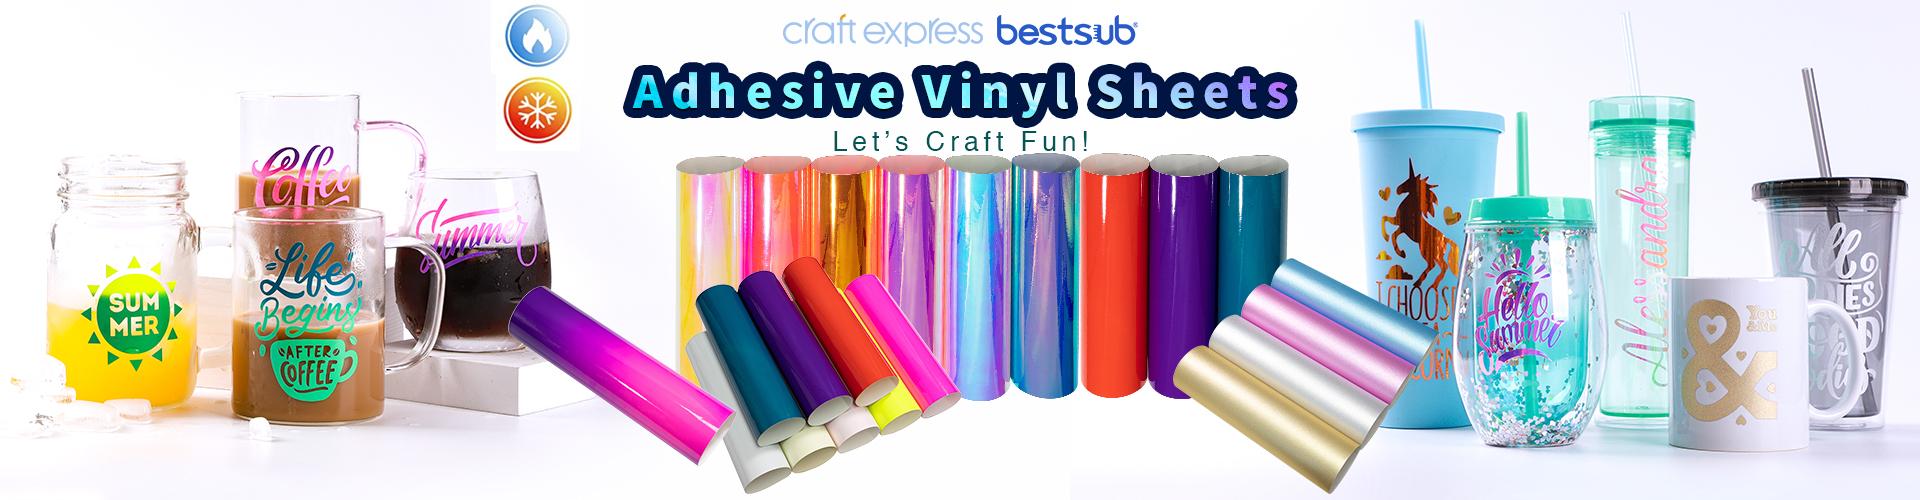 2021-06-01_Adhesive_Vinyl_Sheets_new_web